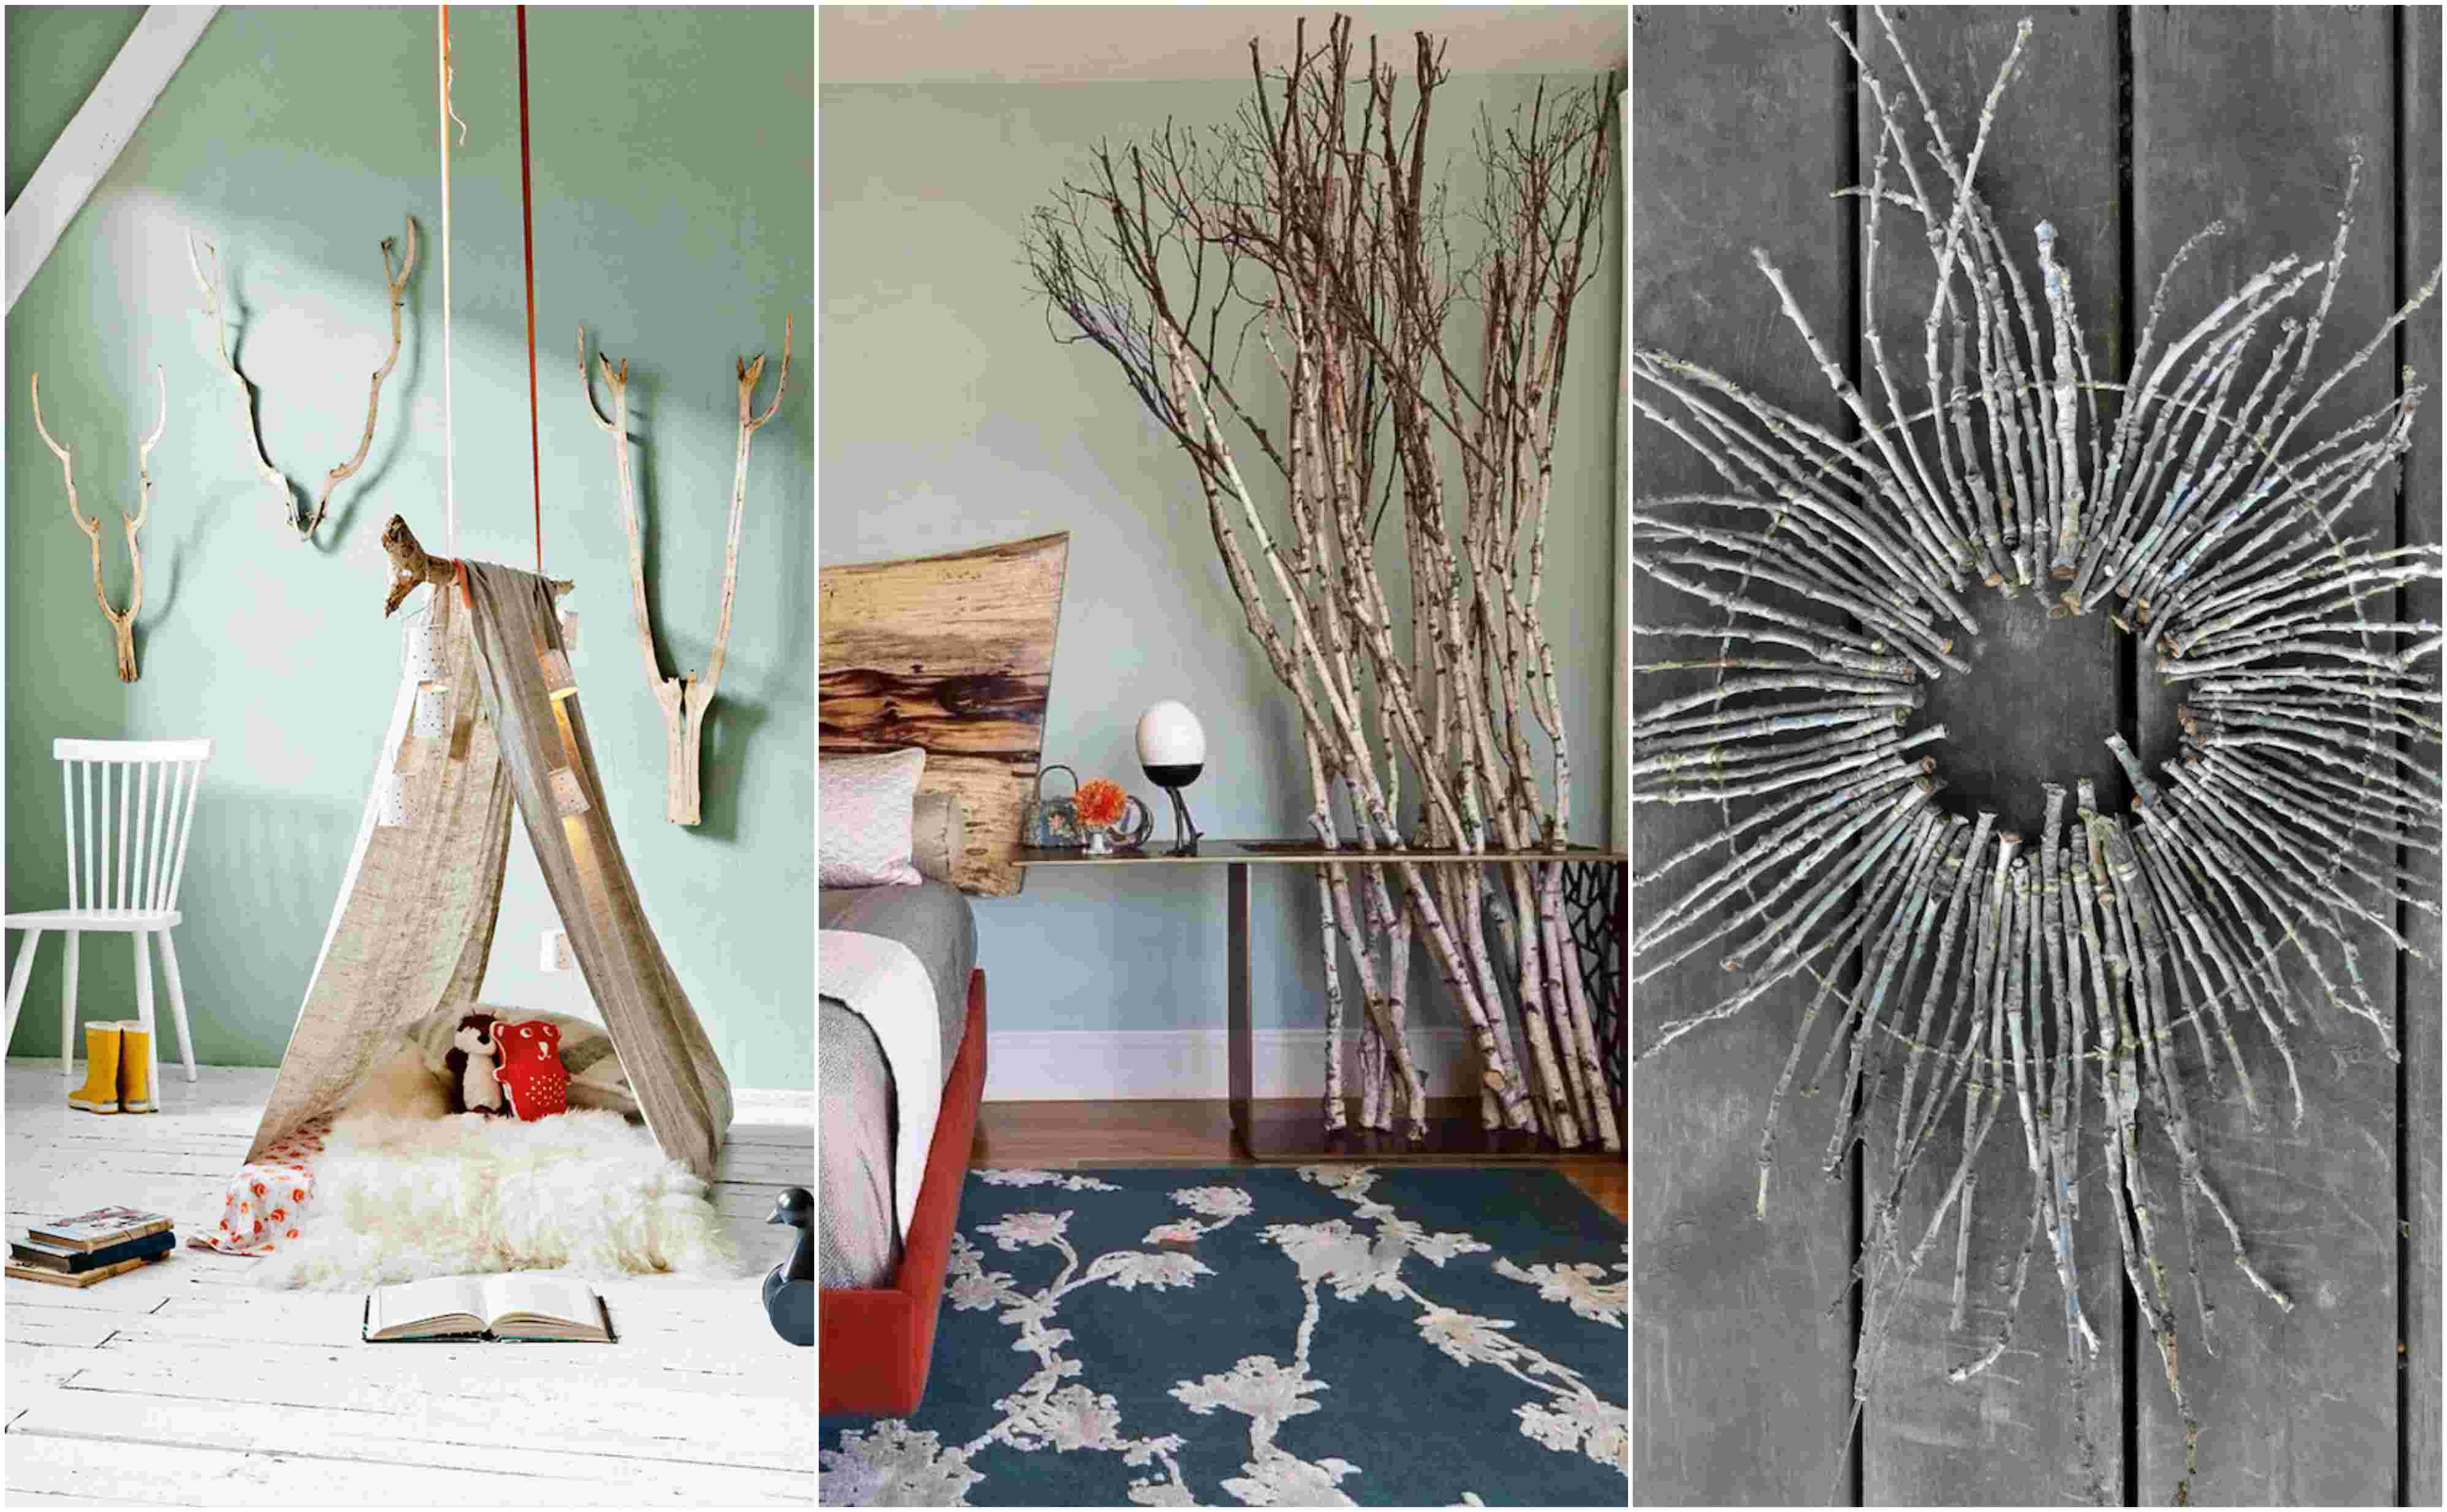 Διακόσμηση από κλαδιά ξύλου 30 καλλιτεχνικές ιδέες